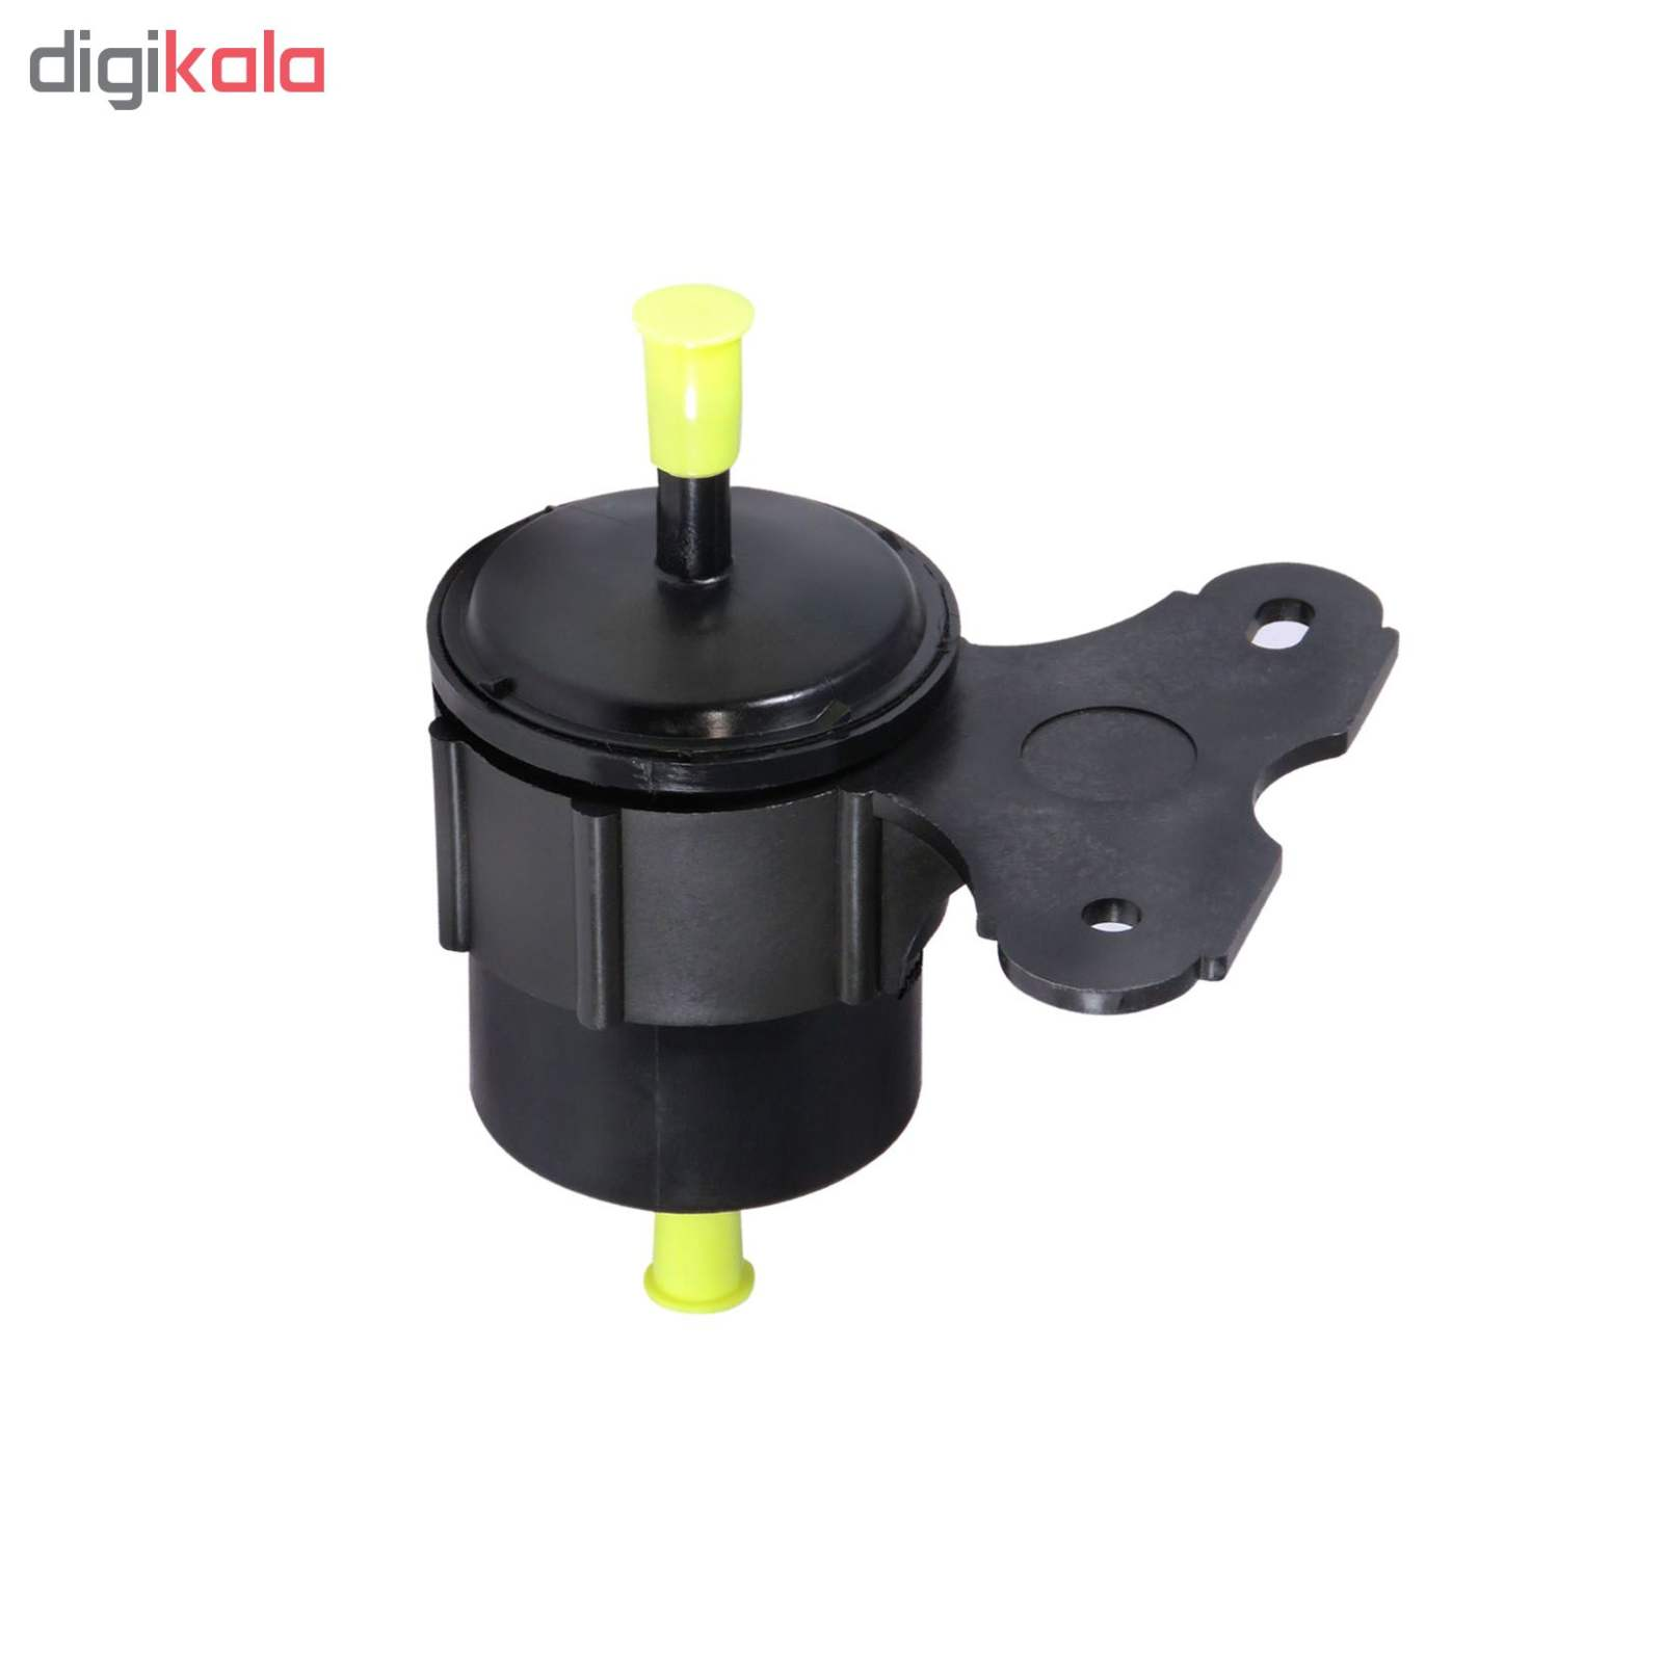 فیلتر بنزین خودرو دینا پارت کد H214055 مناسب برای پراید main 1 1